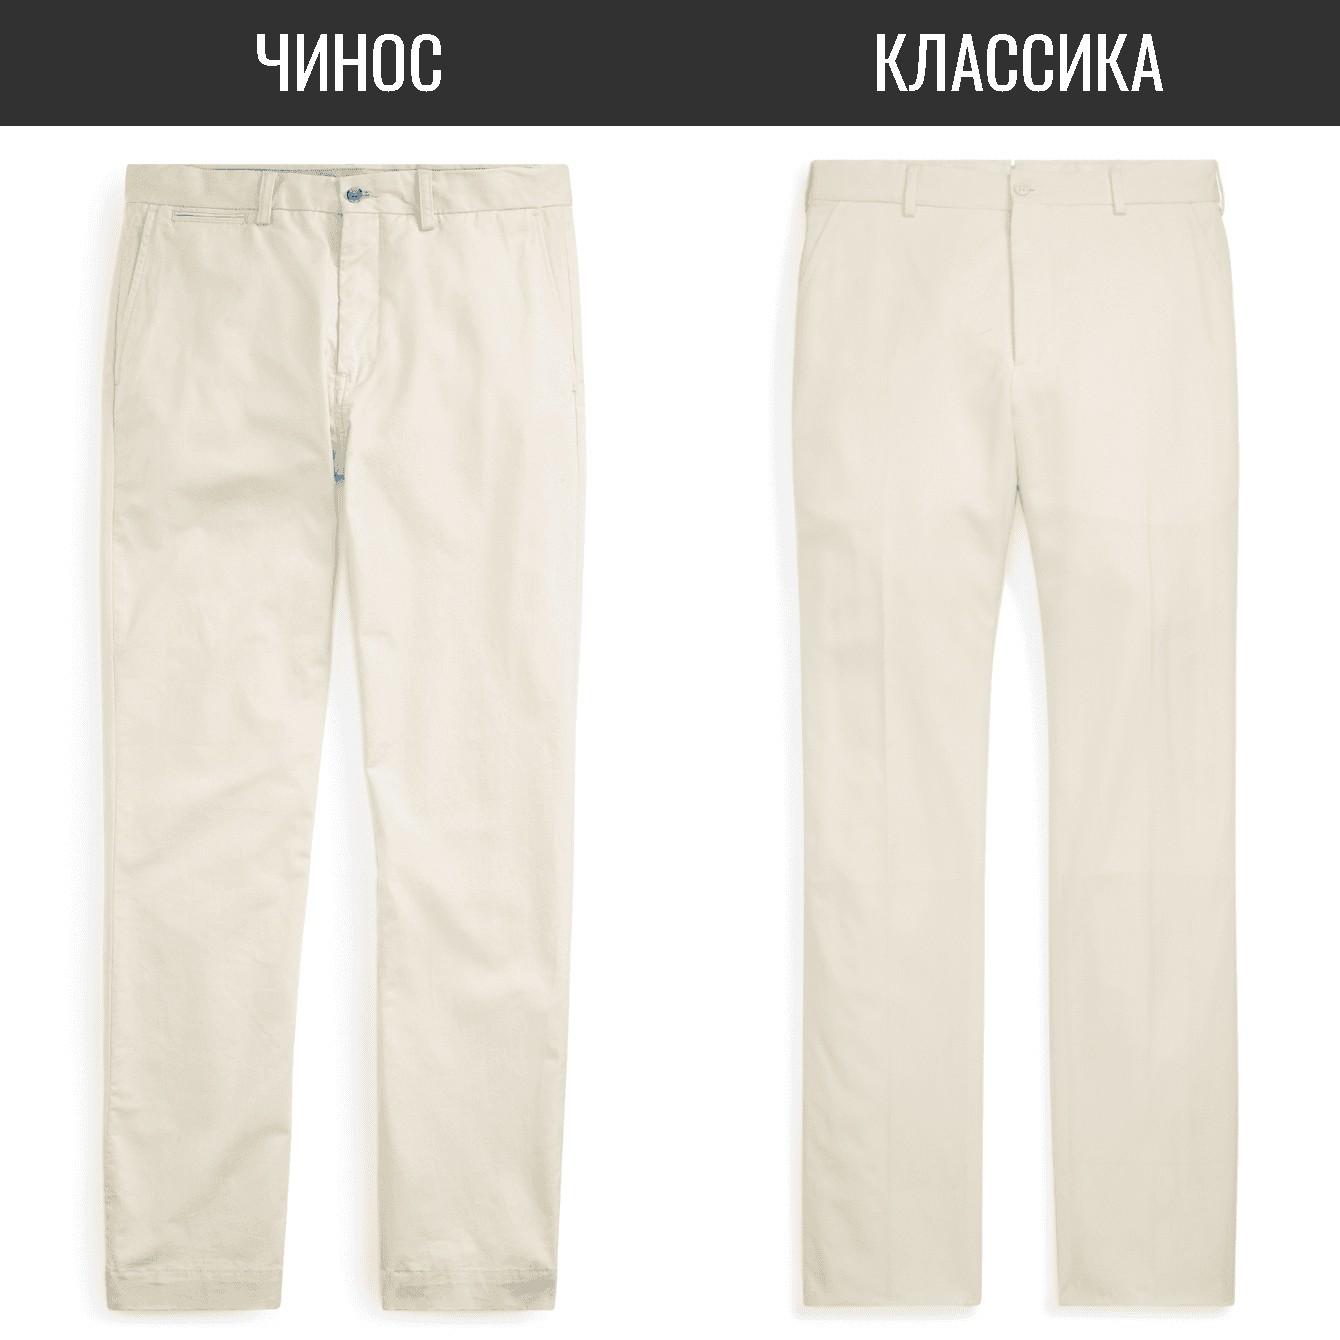 Чинос и классические брюки